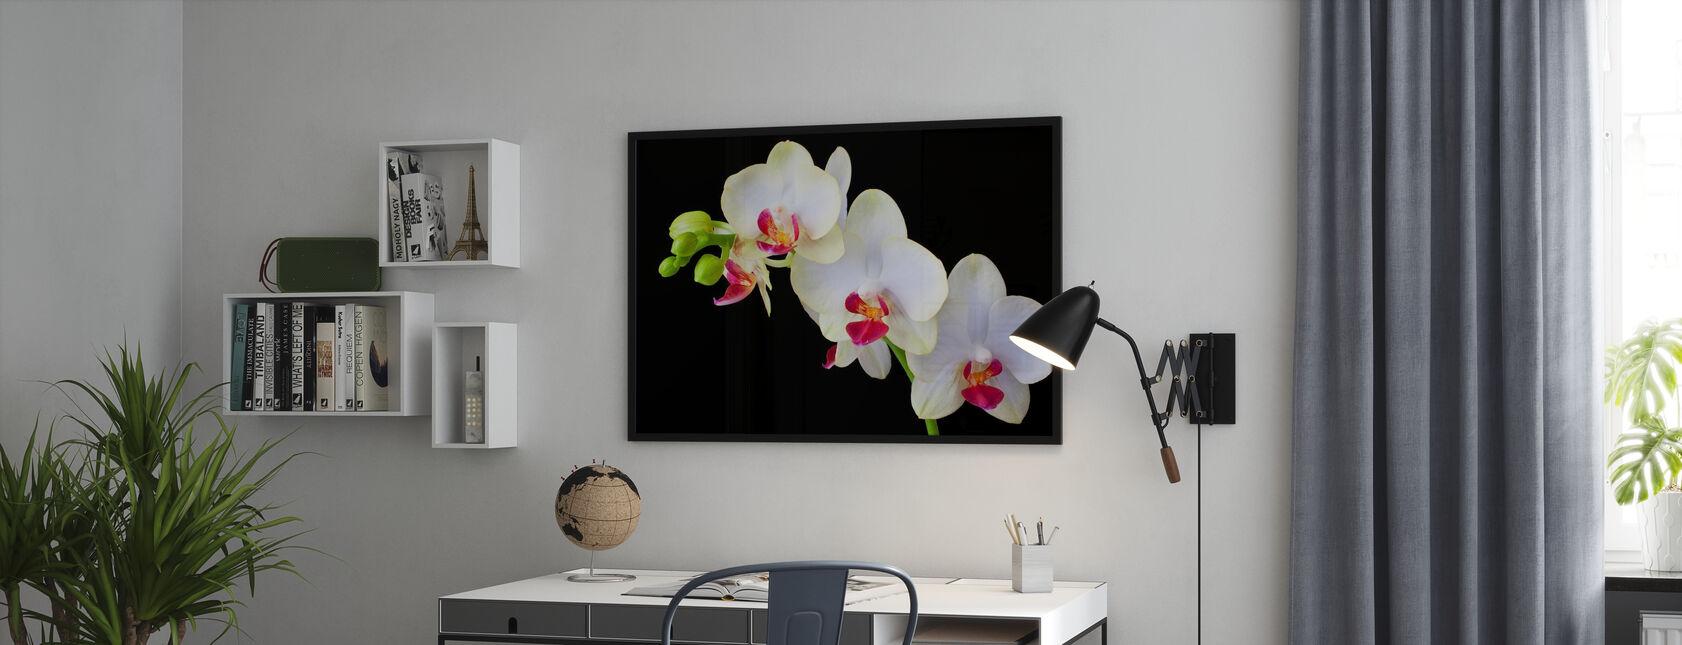 Witte orchideeën op zwarte achtergrond - Ingelijste print - Kantoor